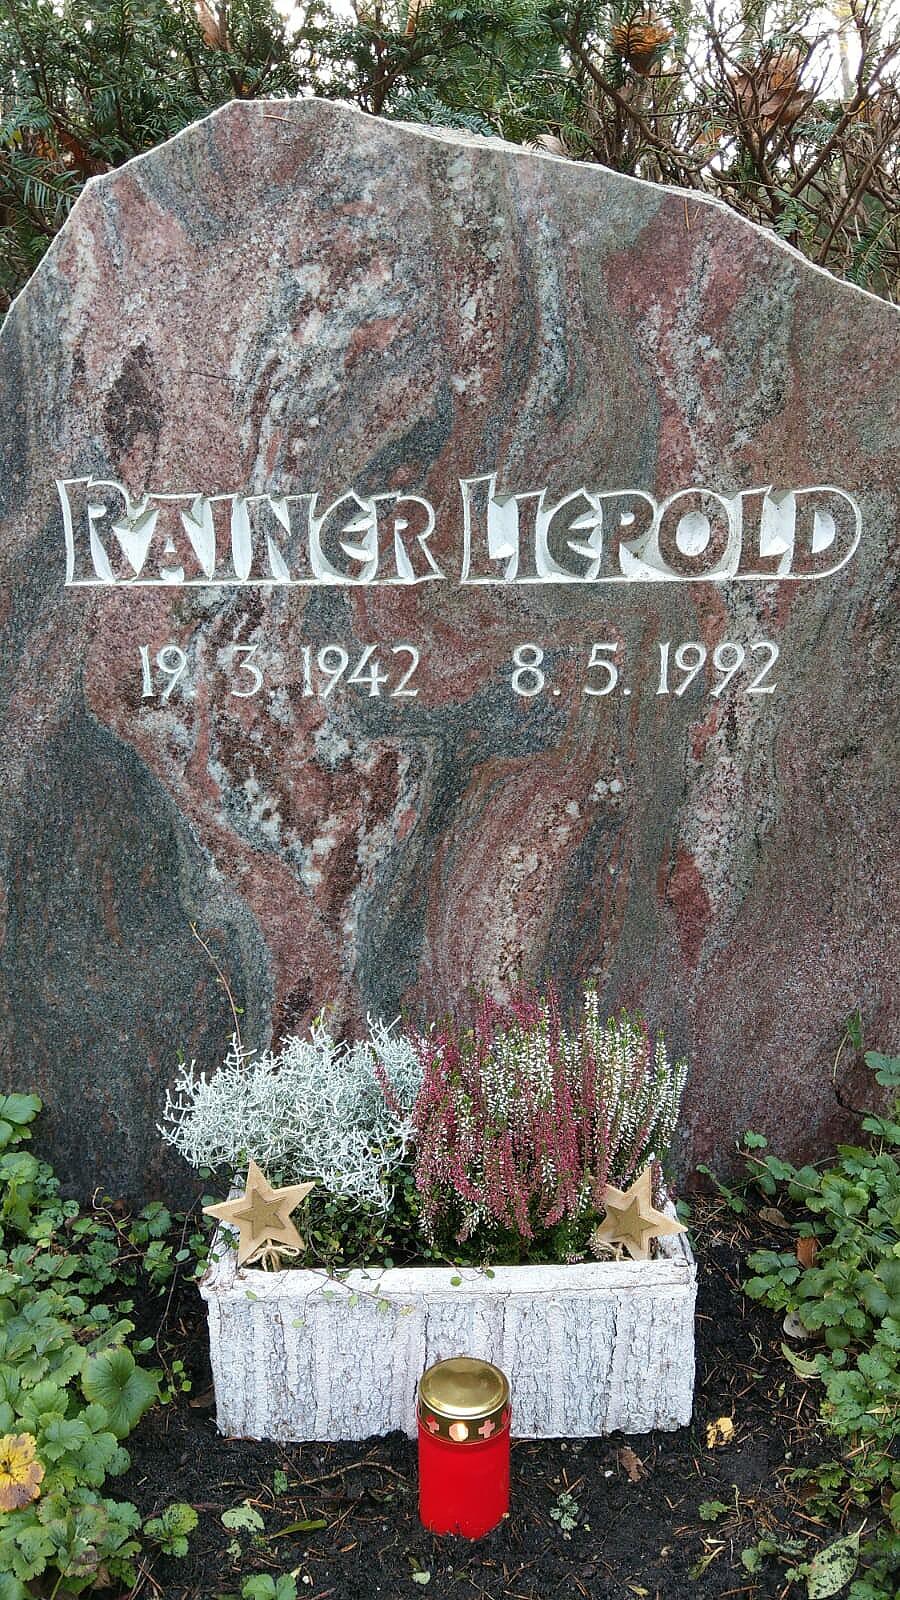 Bild von der Gedenkseite für Rainer Liepold